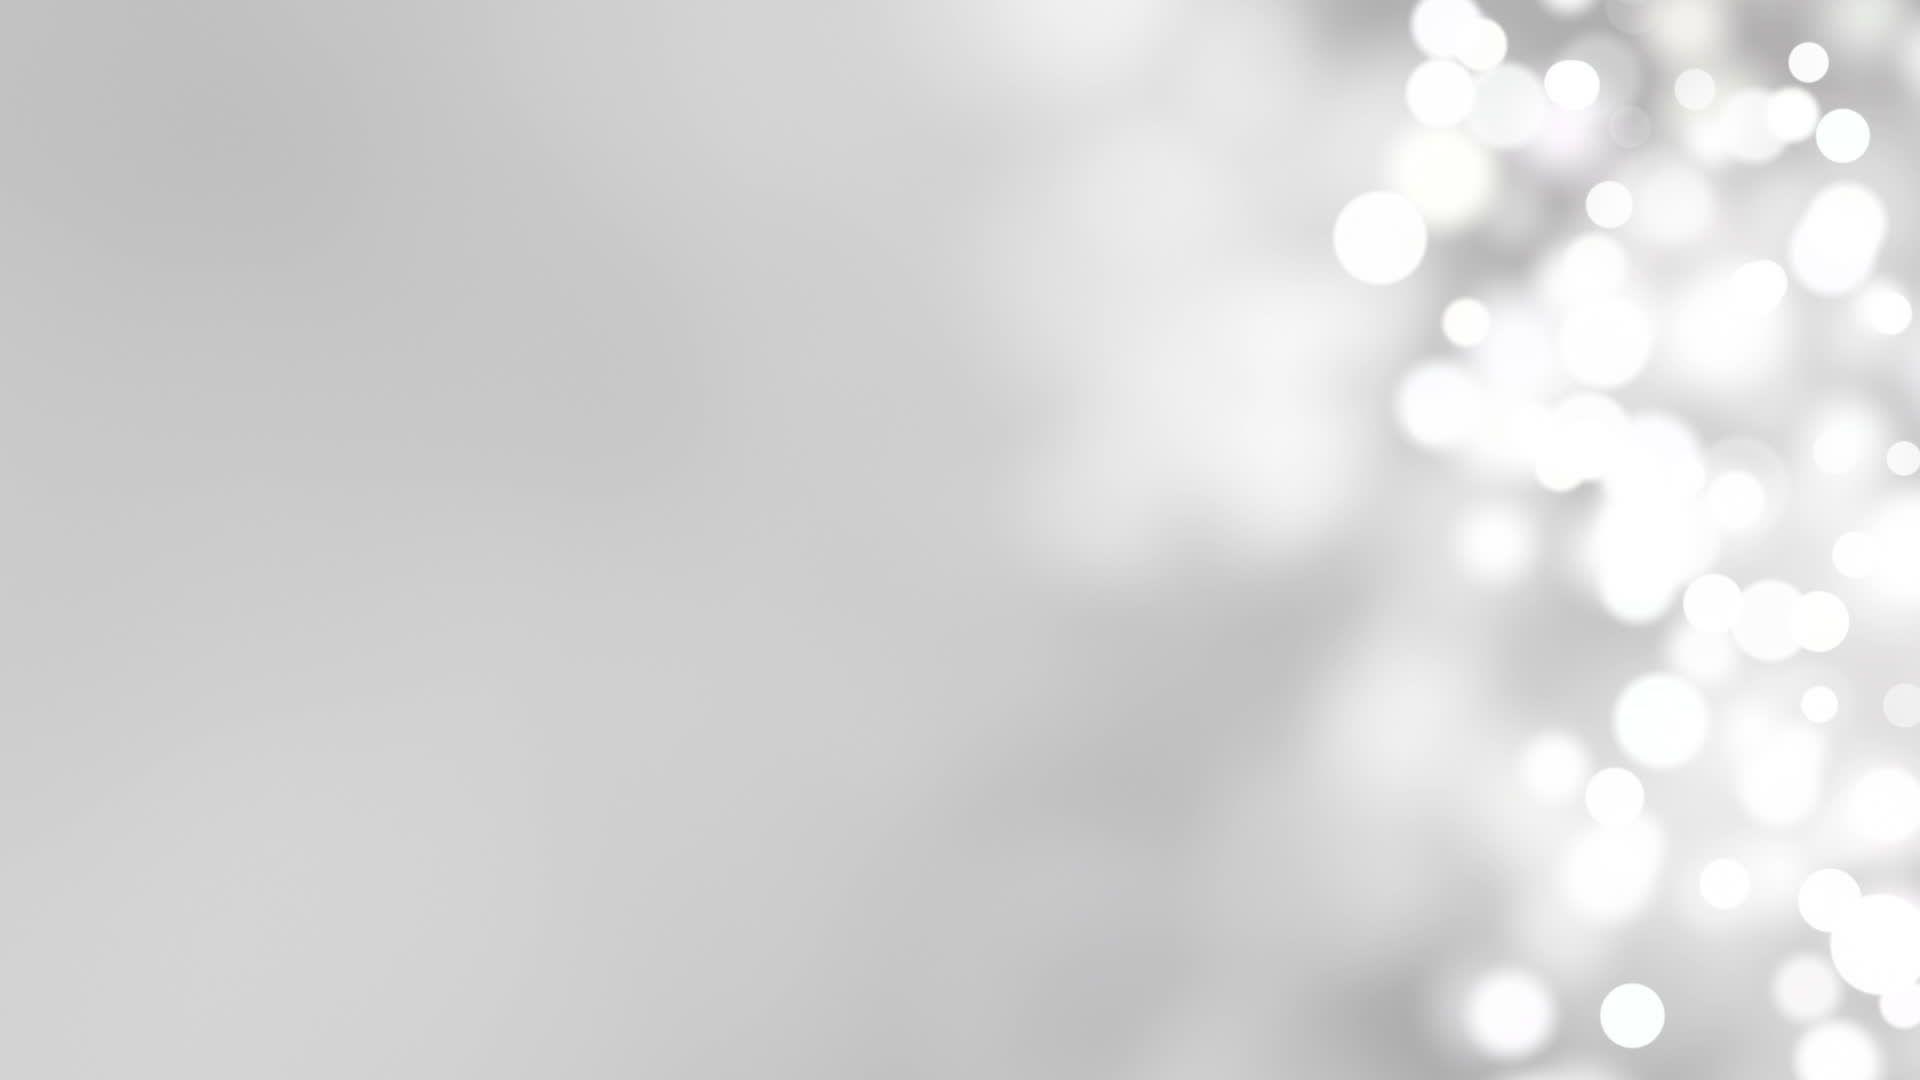 Hình nền trắng cho pc đẹp